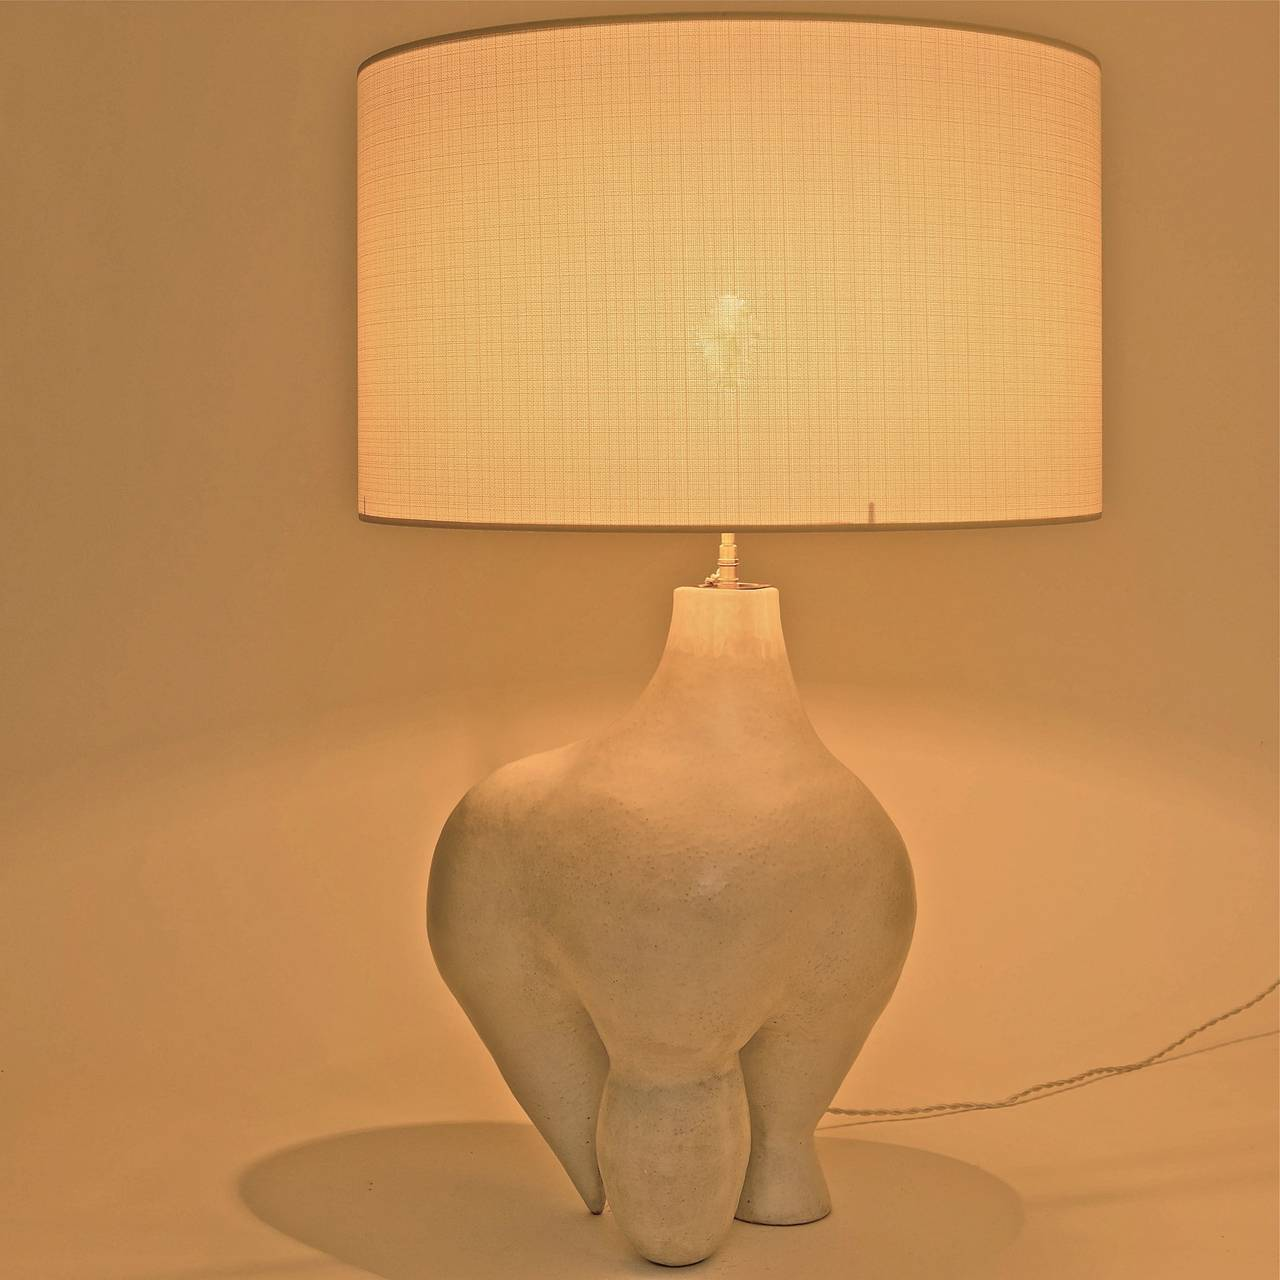 large ceramic lamp base sculpture signed by dalo at 1stdibs. Black Bedroom Furniture Sets. Home Design Ideas